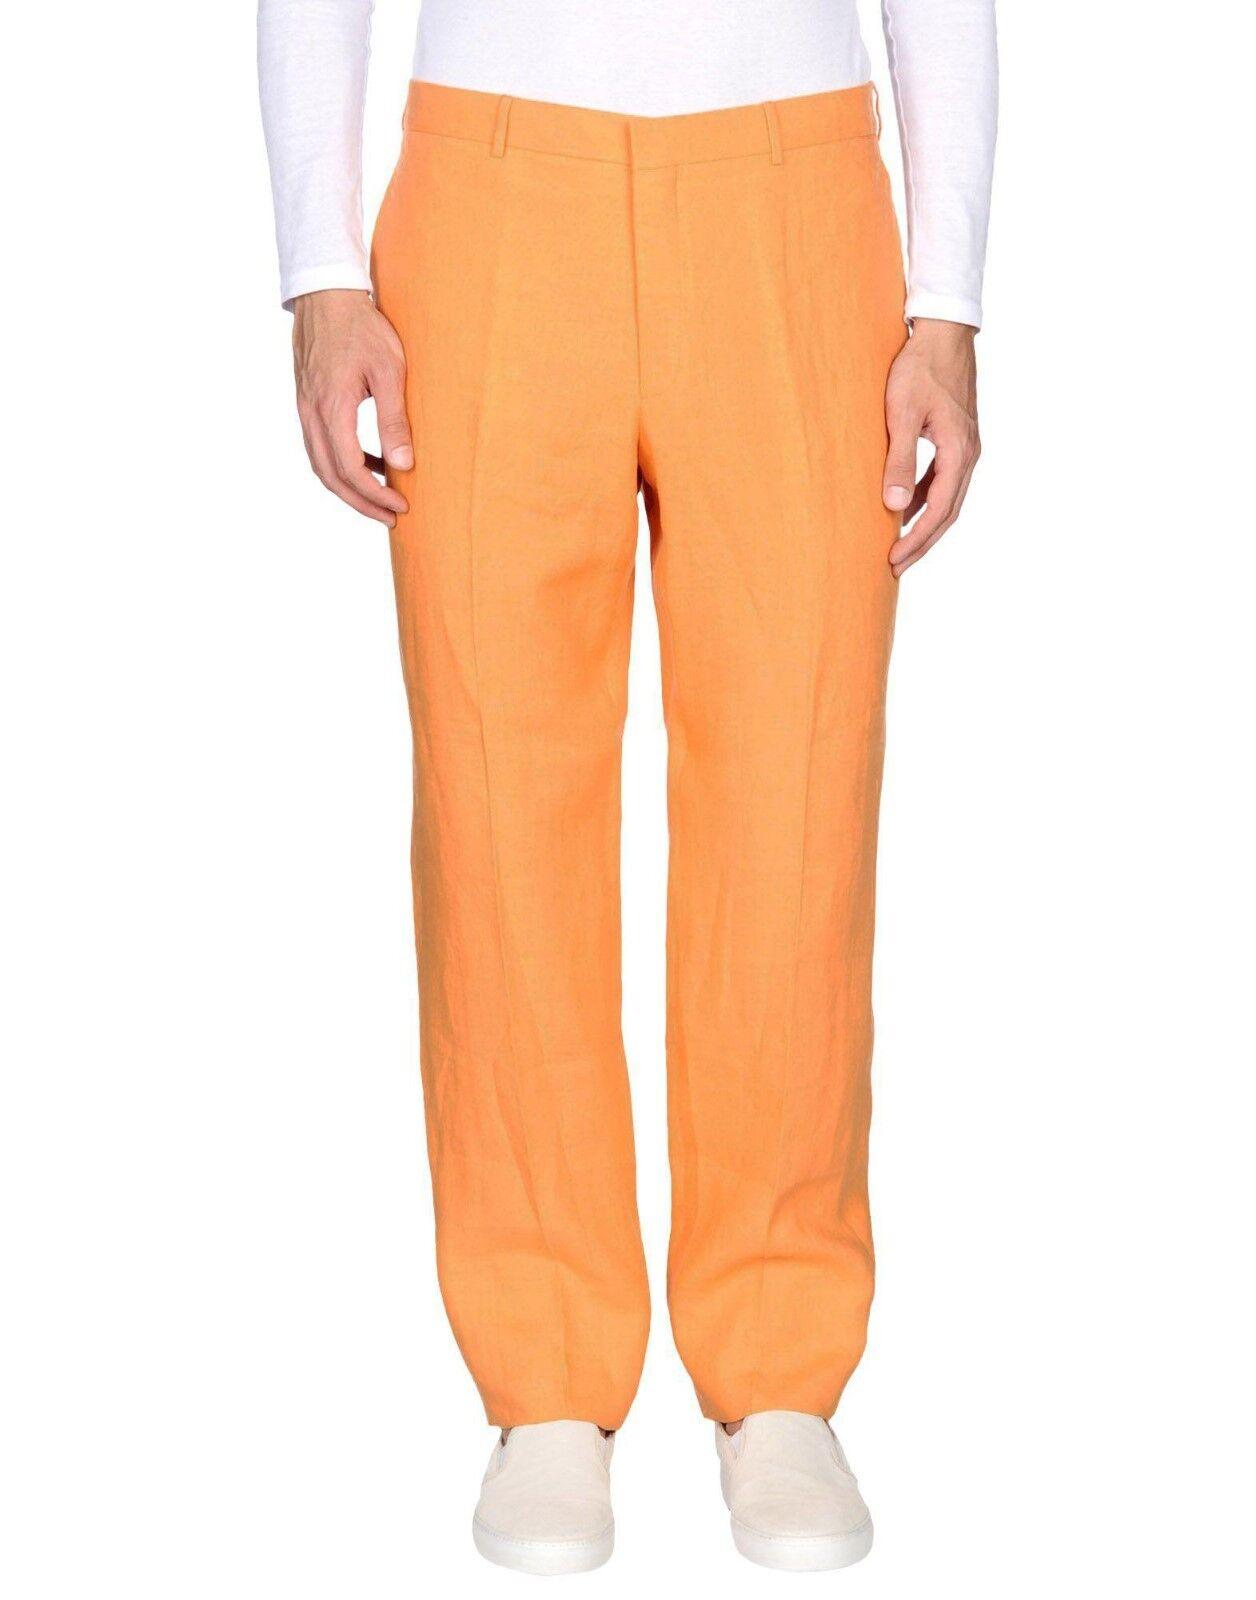 Polo Ralph Lauren 100% Linen orange Casual Trousers(Open Hem) - W31 L36